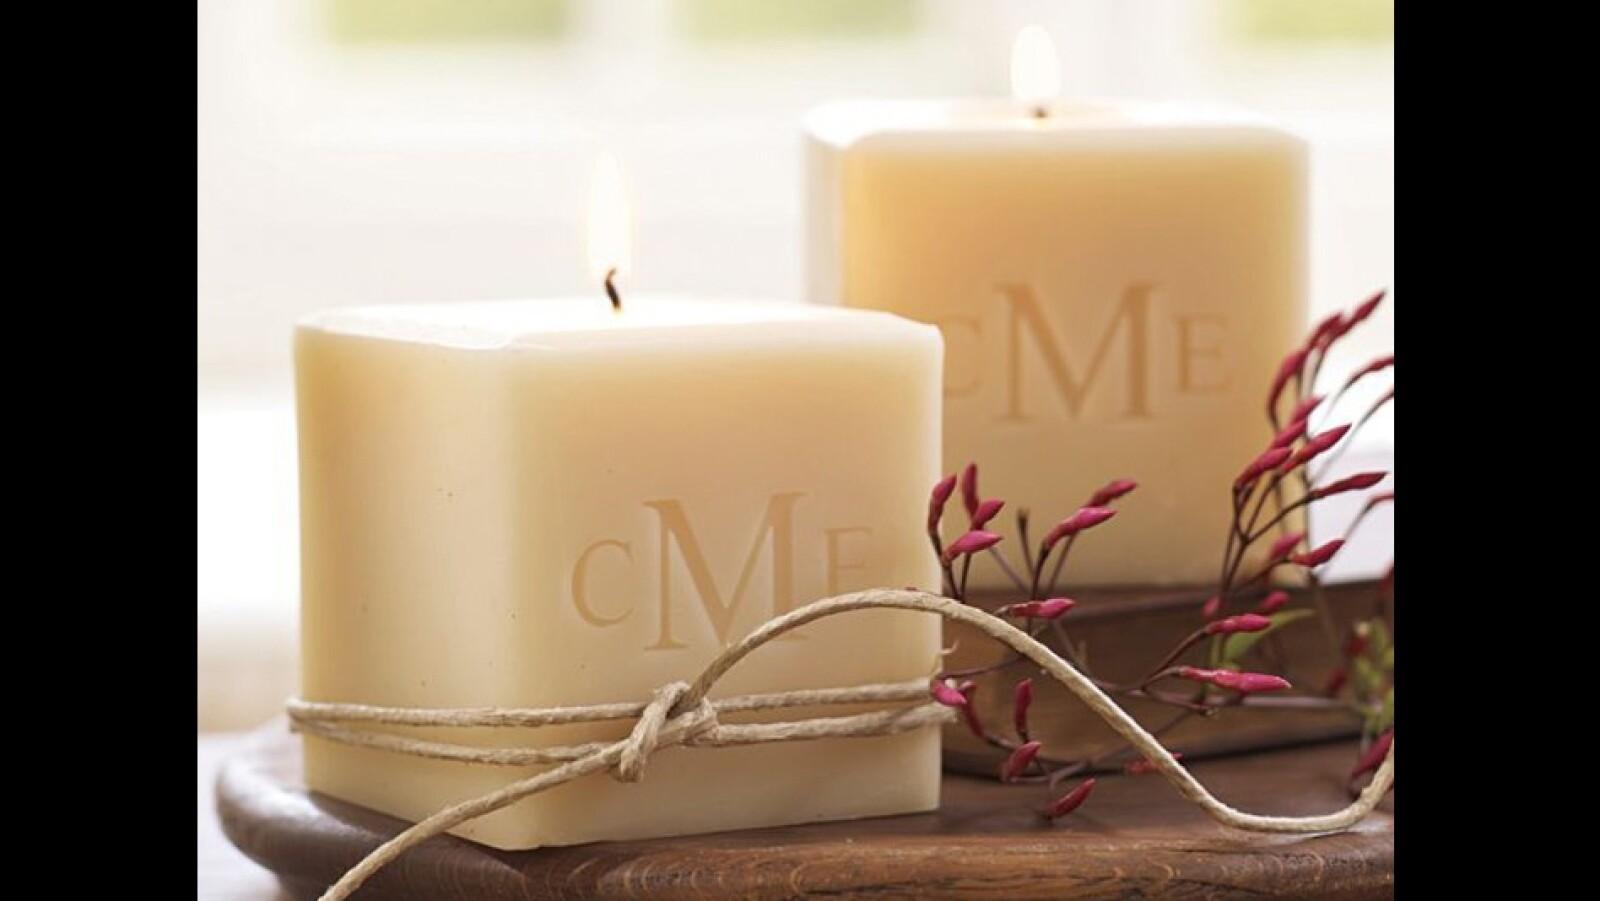 navidad, ideas, regalos, trabajo, lista, familia, amigos, celebracion, invitados, broma, fiestas